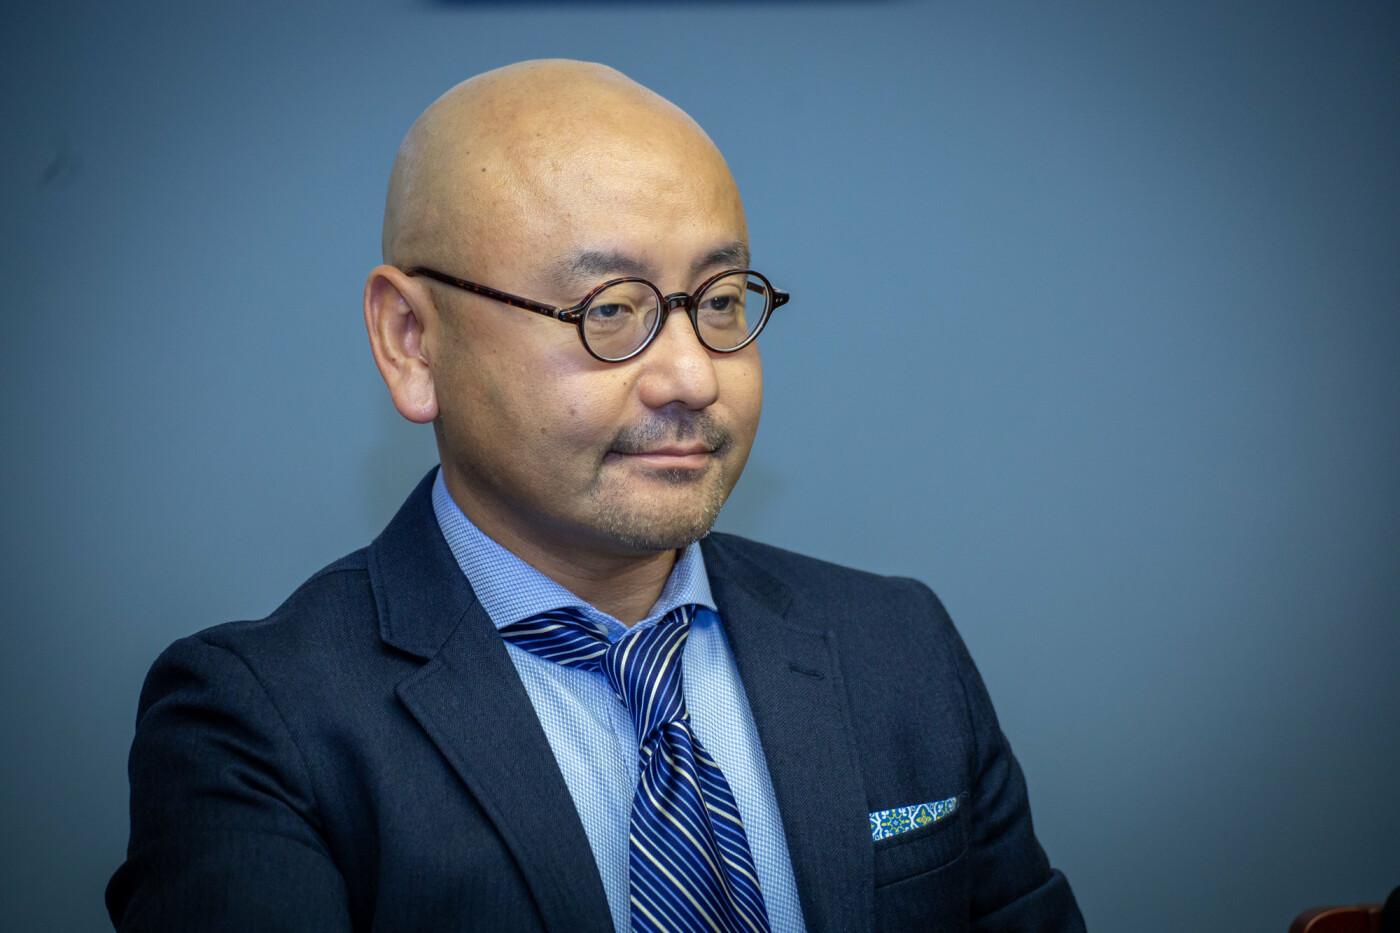 Днепропетровщина и Япония обсудили возможность строительства мусороперерабатывающего завода, - ФОТО, фото-5